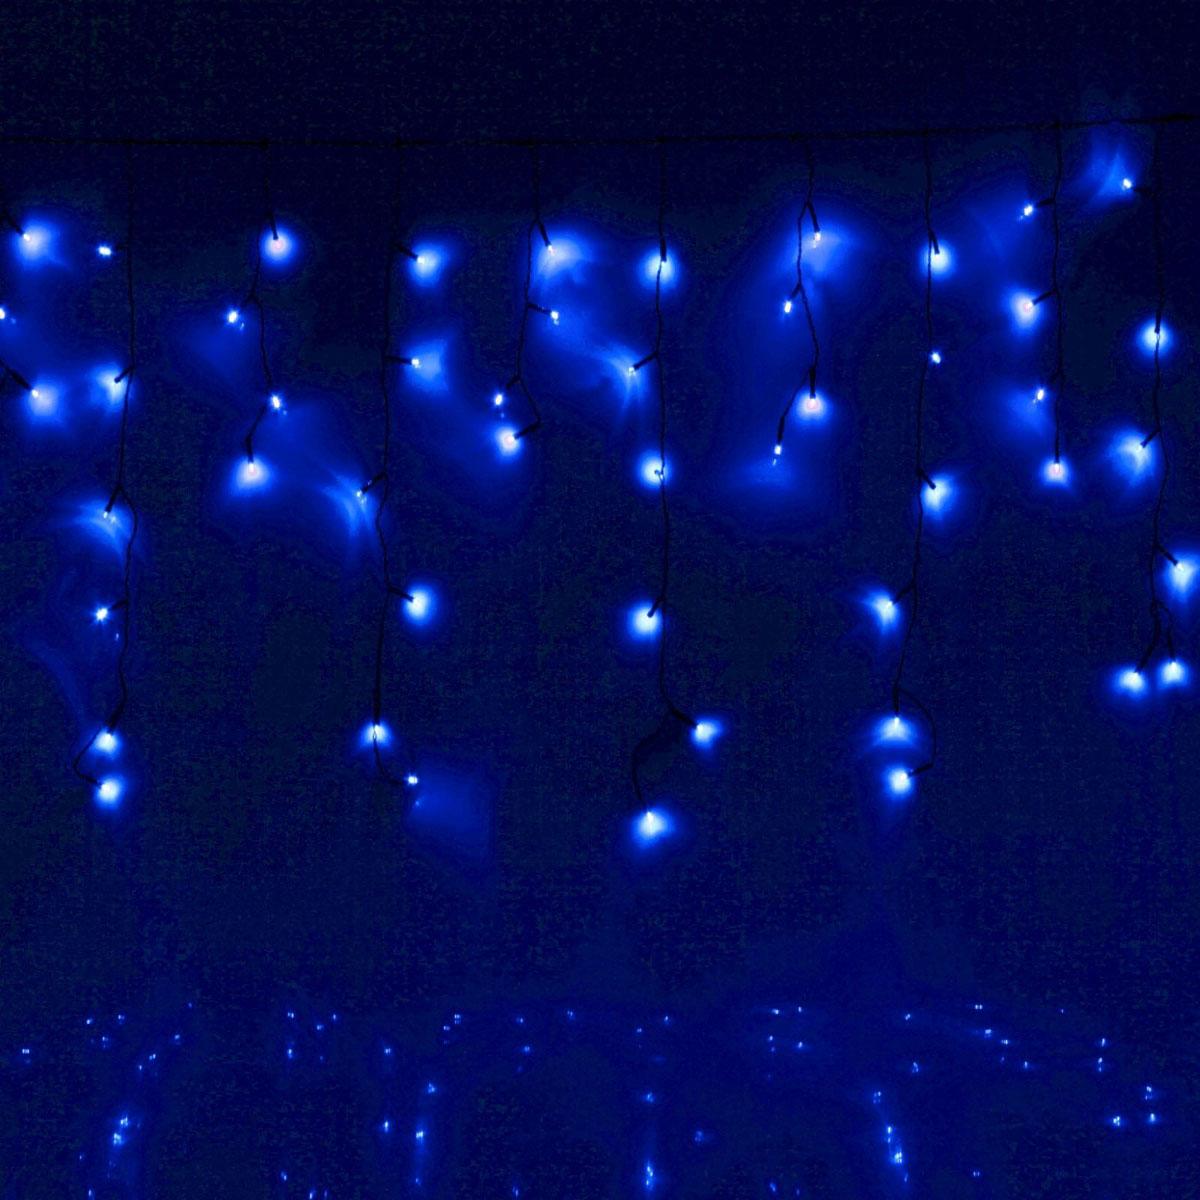 Гирлянда светодиодная Luazon Бахрома, уличная, 8 режимов, 60 ламп, 220V, цвет: синий, 1 х 0,6 м. 705907705907Светодиодные гирлянды, ленты и т.д — это отличный вариант для новогоднего оформления интерьера или фасада. С их помощью помещение любого размера можно превратить в праздничный зал, а внешние элементы зданий, украшенные ими, мгновенно станут напоминать очертания сказочного дворца. Такие украшения создают ауру предвкушения чуда. Деревья, фасады, витрины, окна и арки будто специально созданы, чтобы вы украсили их светящимися нитями.